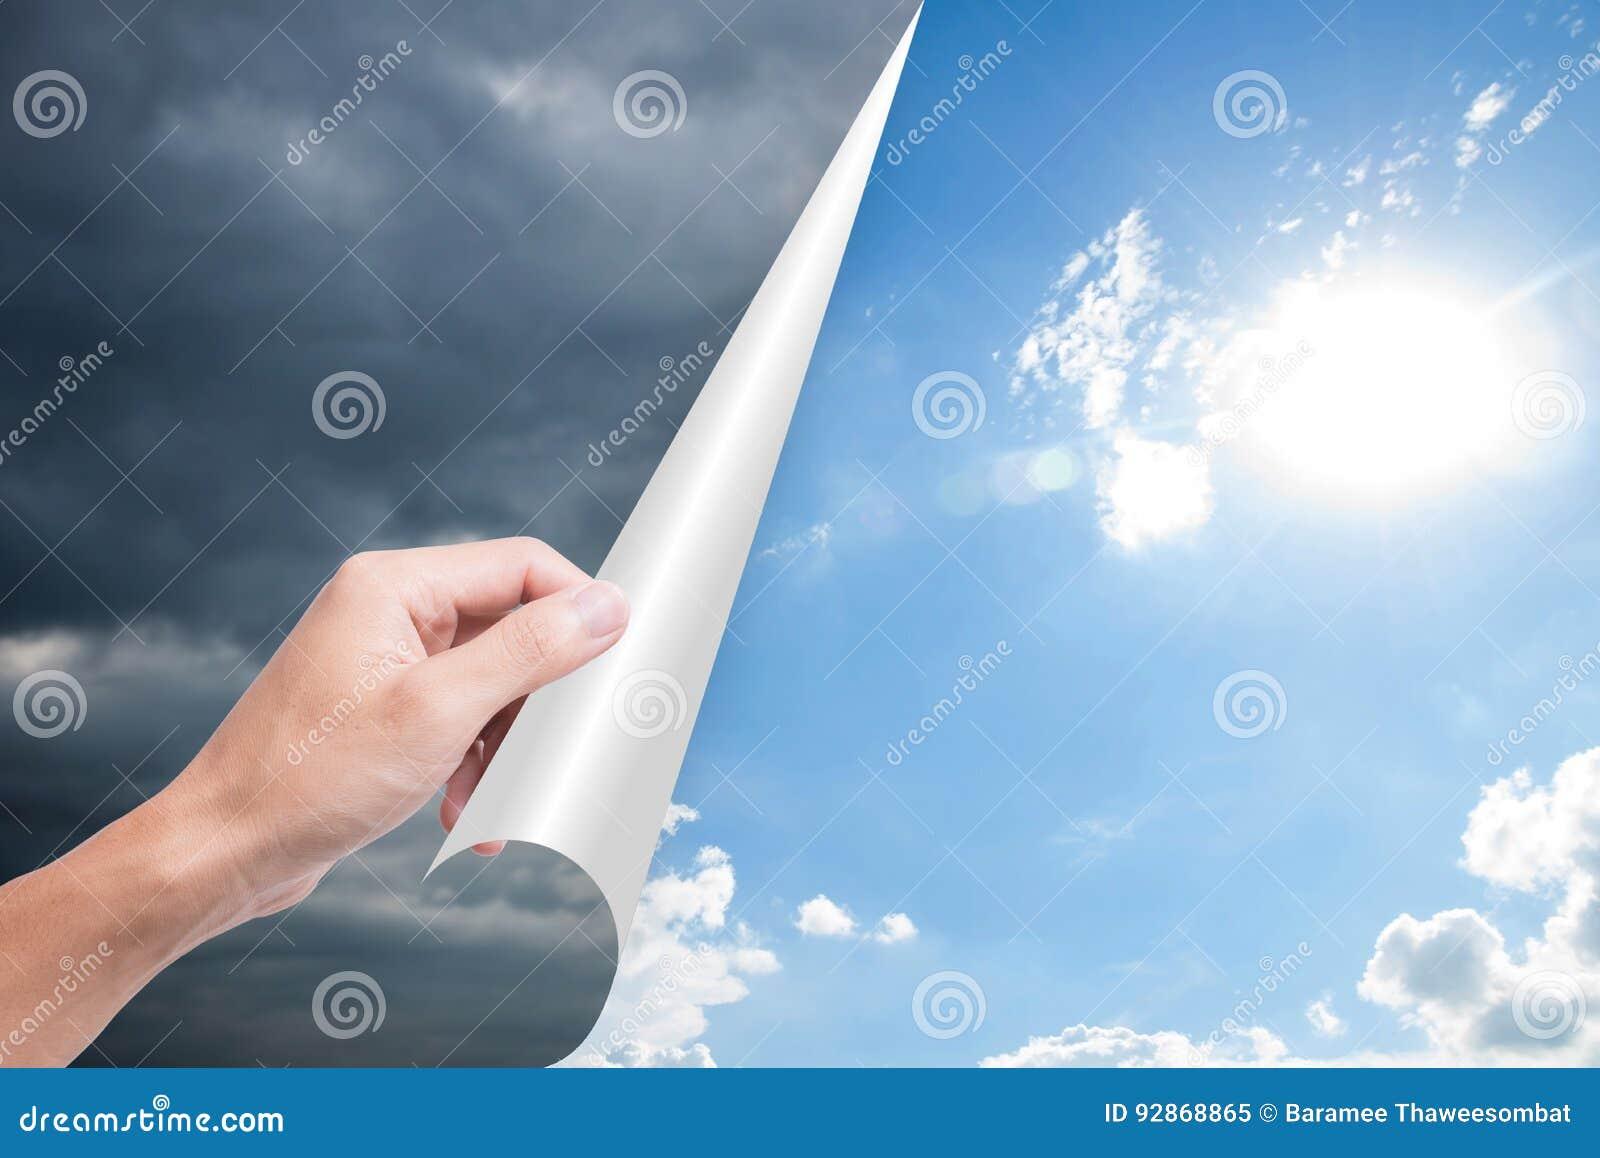 Bewolking van de hand de openingspagina voor heldere blauwe hemel